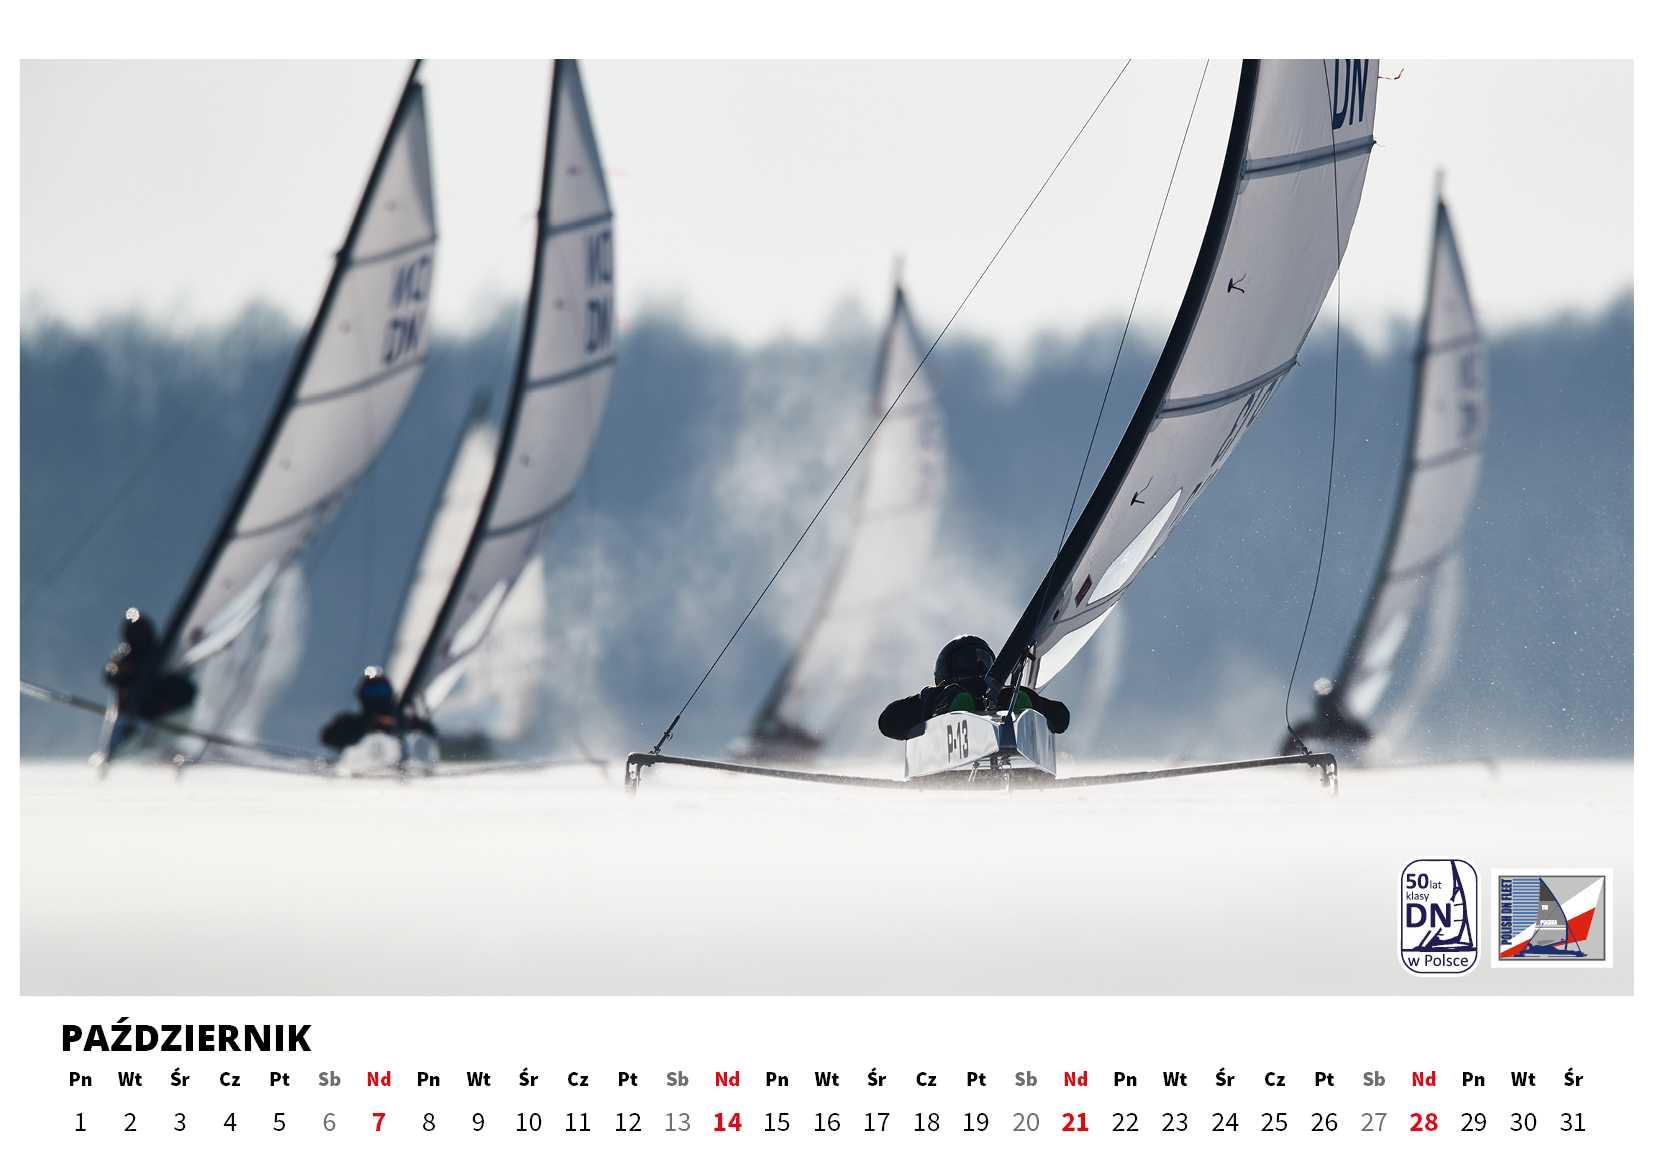 kalendarz11.jpg